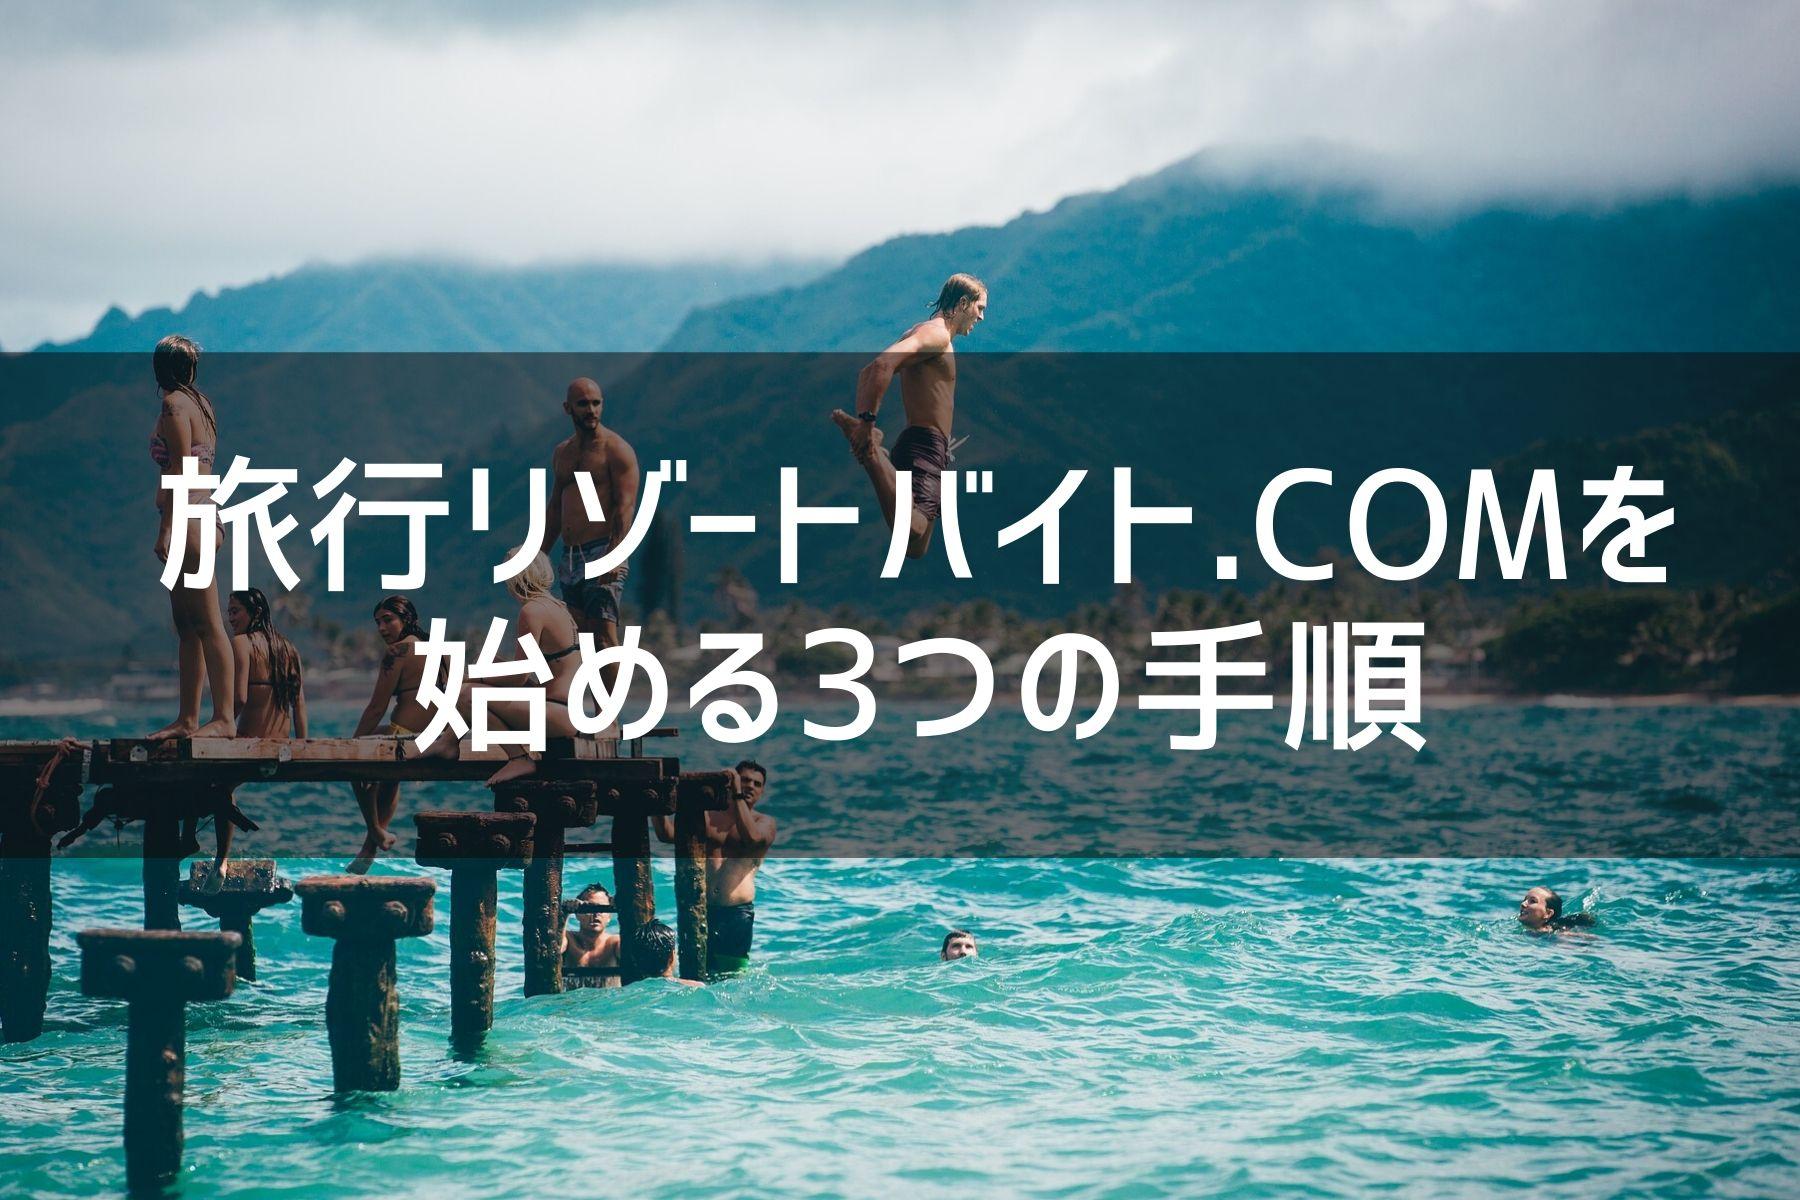 リゾートバイト.COMの始め方の3つの手順を写真15枚を使って解説|職種や疑問も解決します!